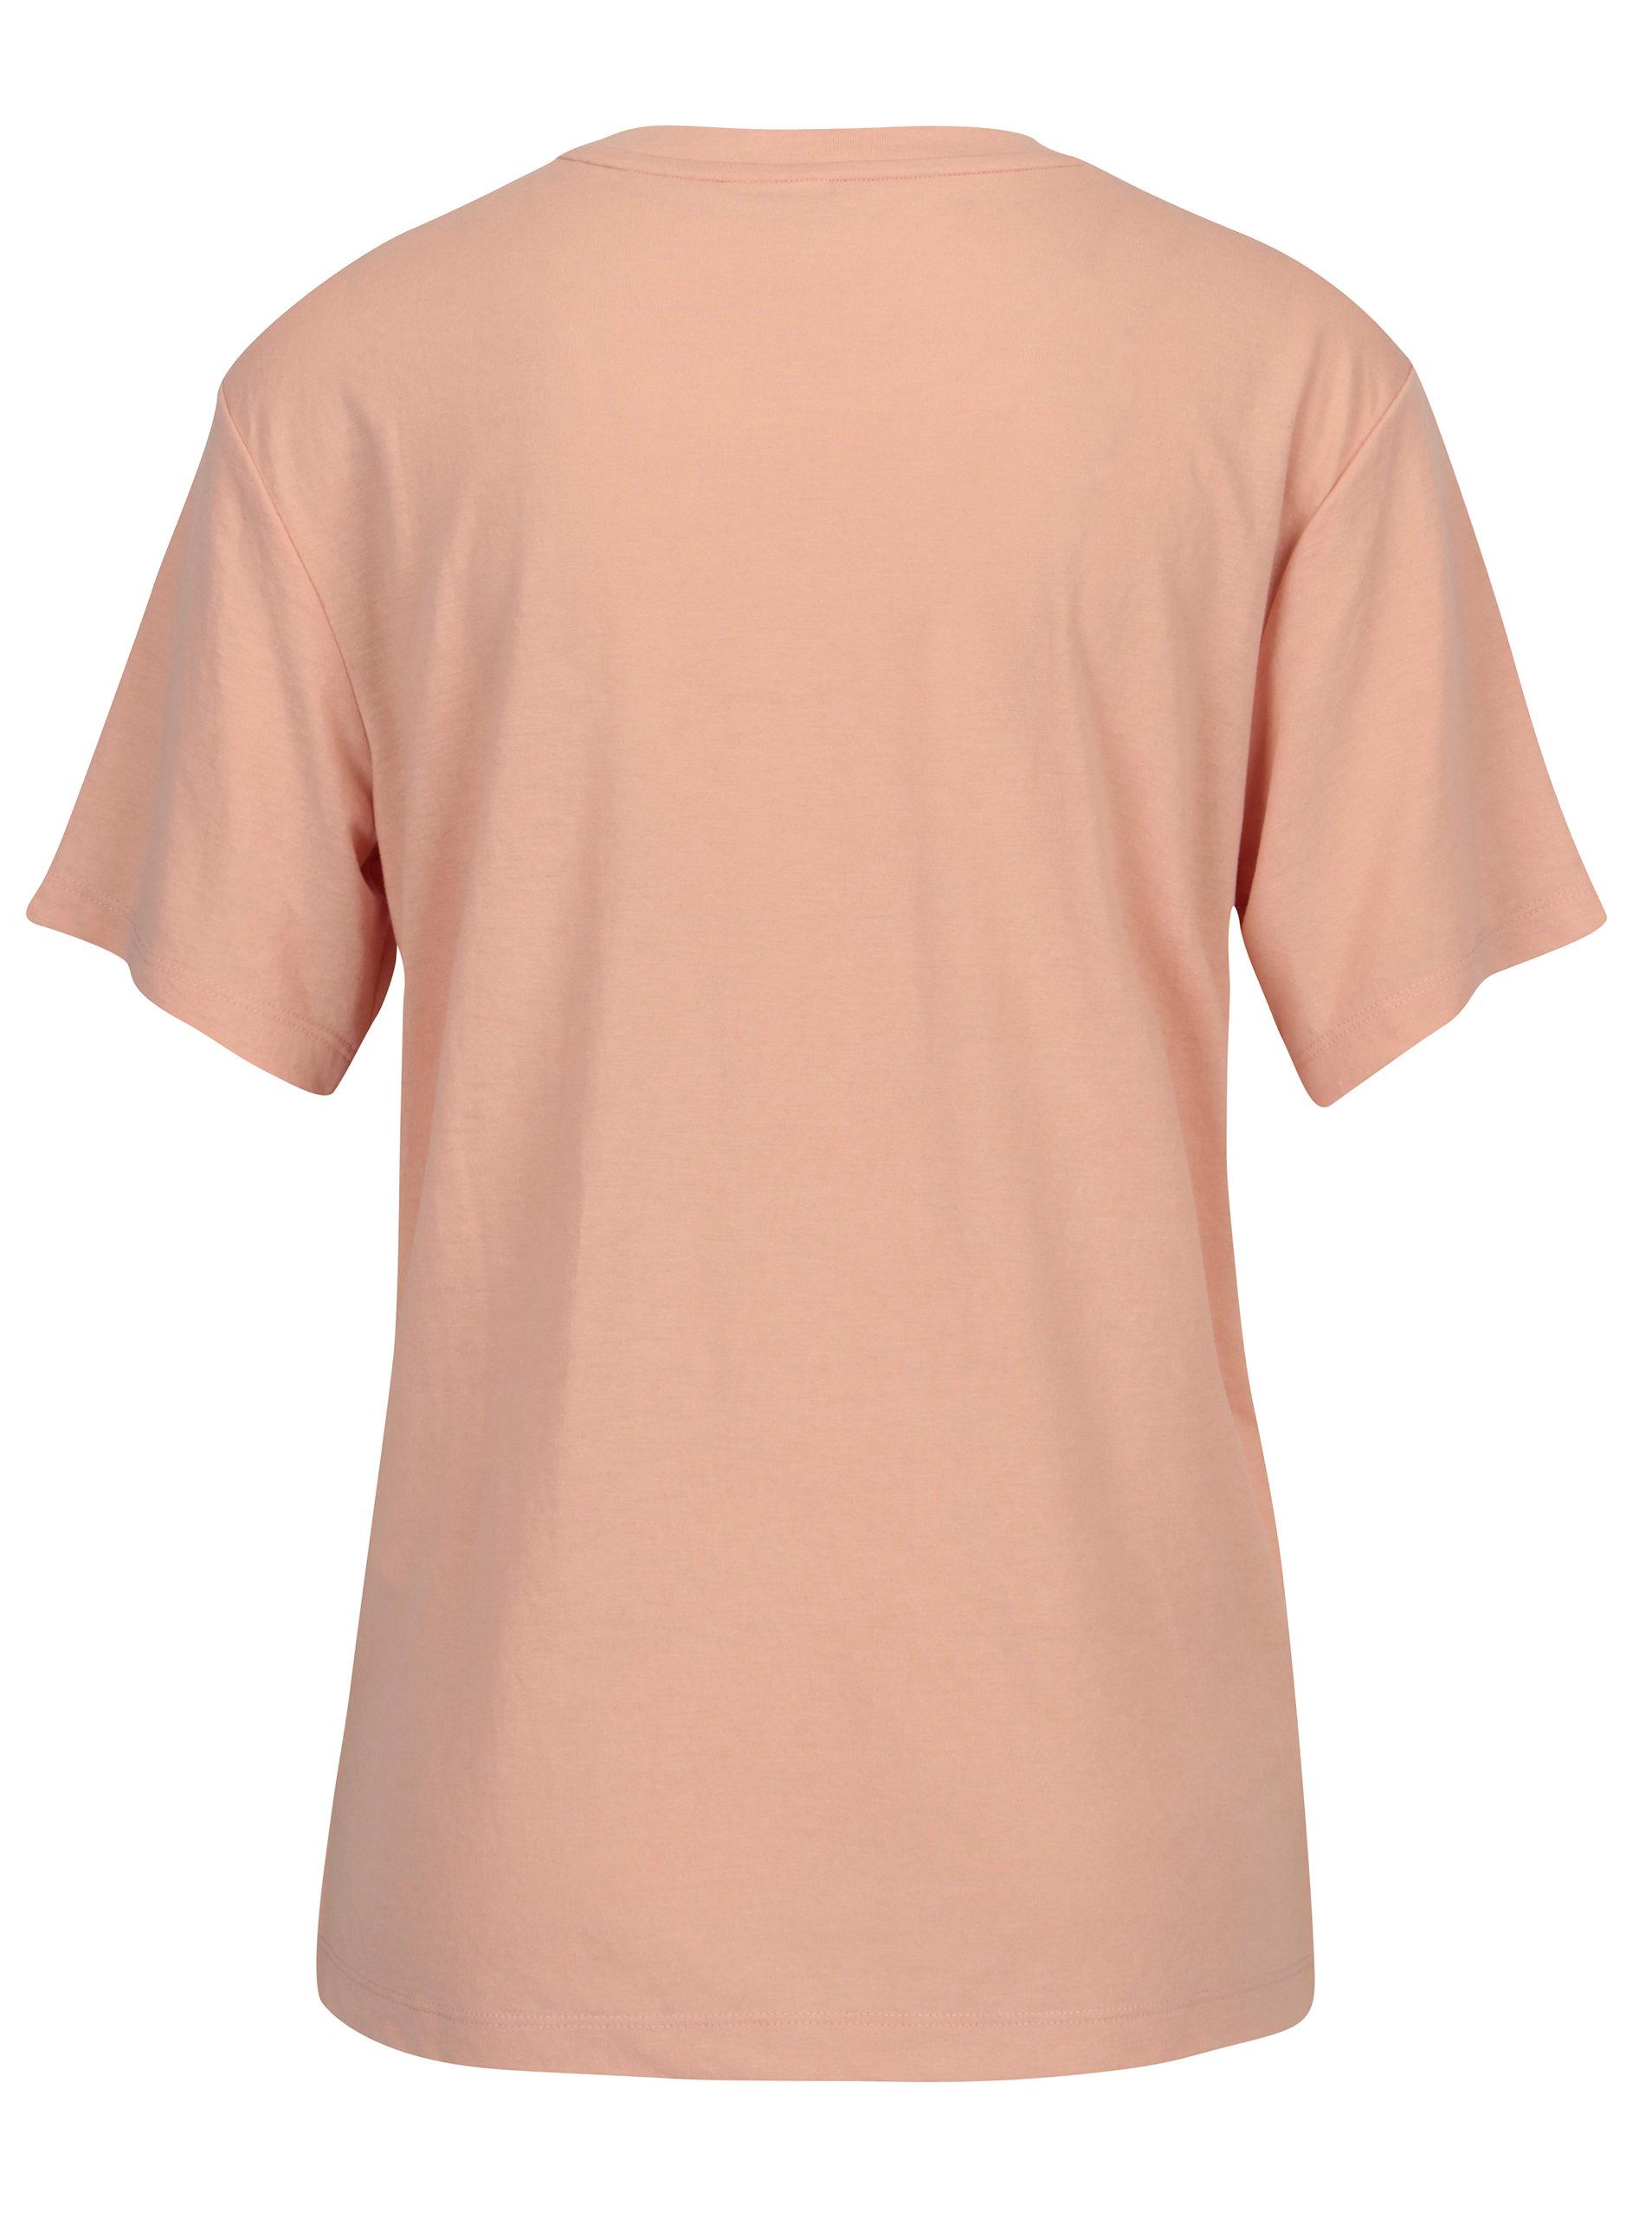 c457fc3c6836 Růžové dámské tričko s potiskem Puma ...